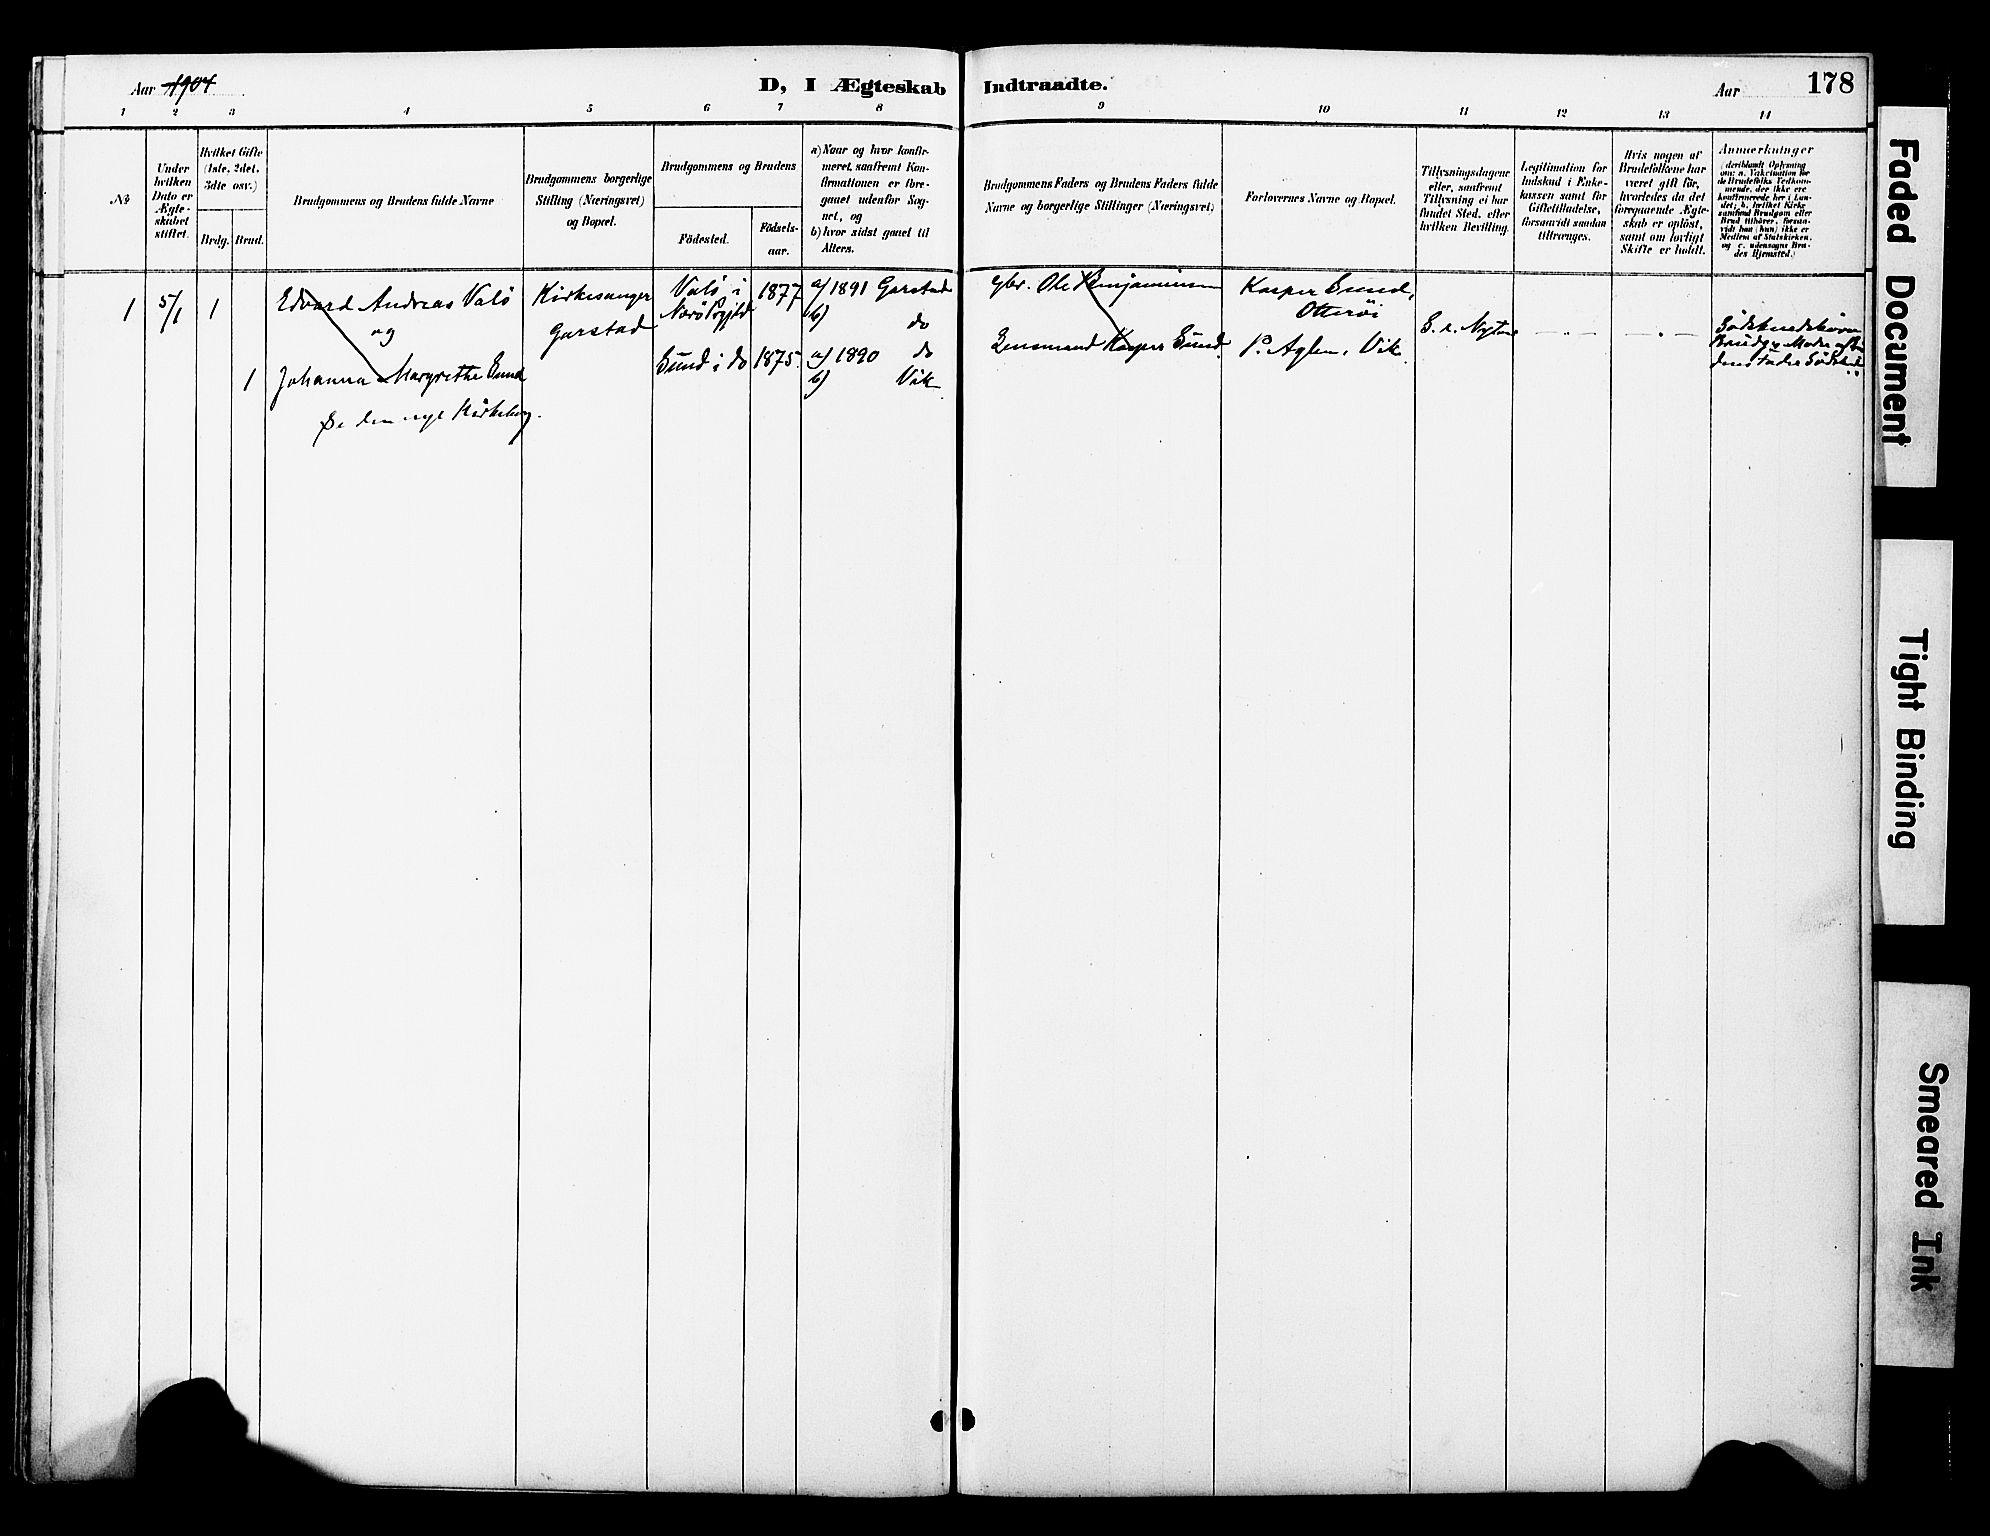 SAT, Ministerialprotokoller, klokkerbøker og fødselsregistre - Nord-Trøndelag, 774/L0628: Ministerialbok nr. 774A02, 1887-1903, s. 178